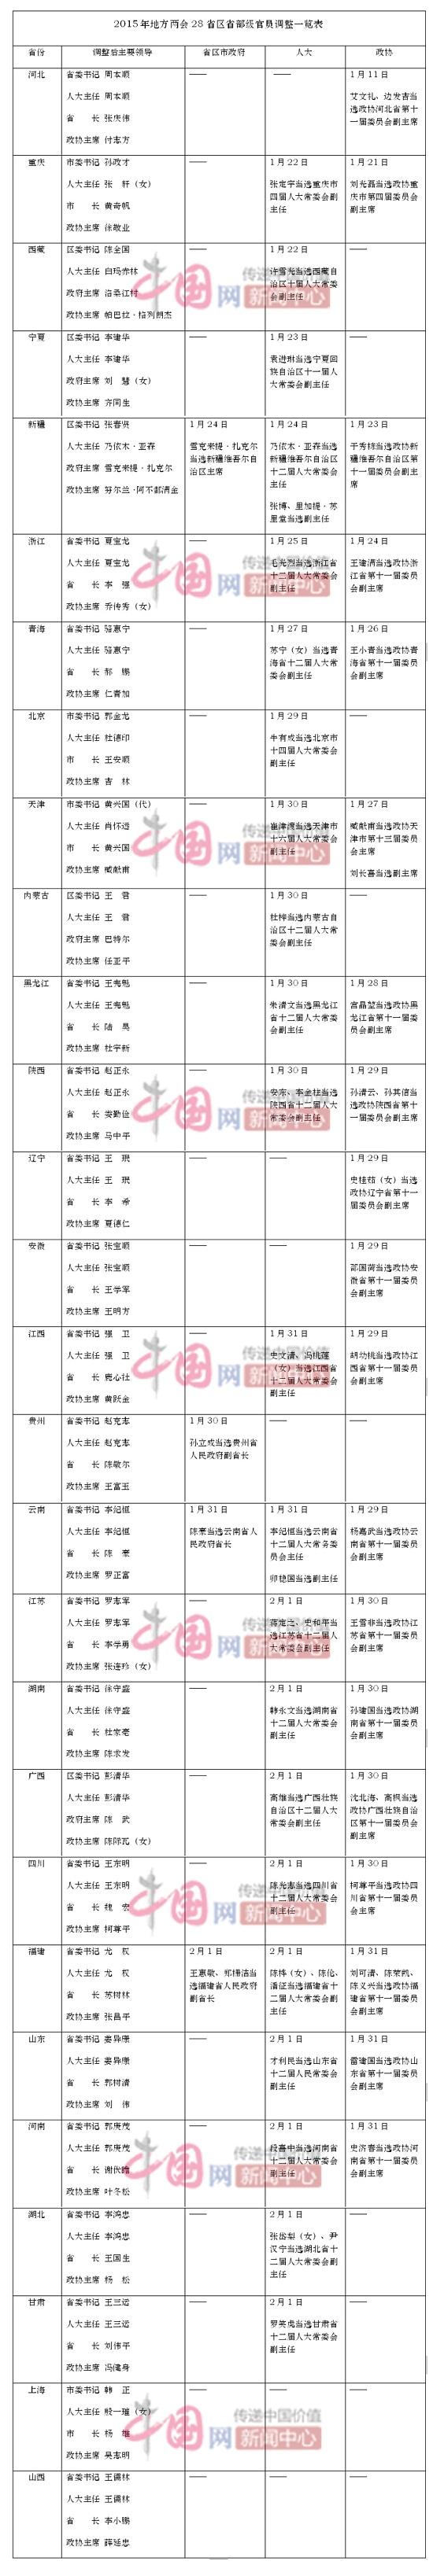 28节份官员调理壹览表